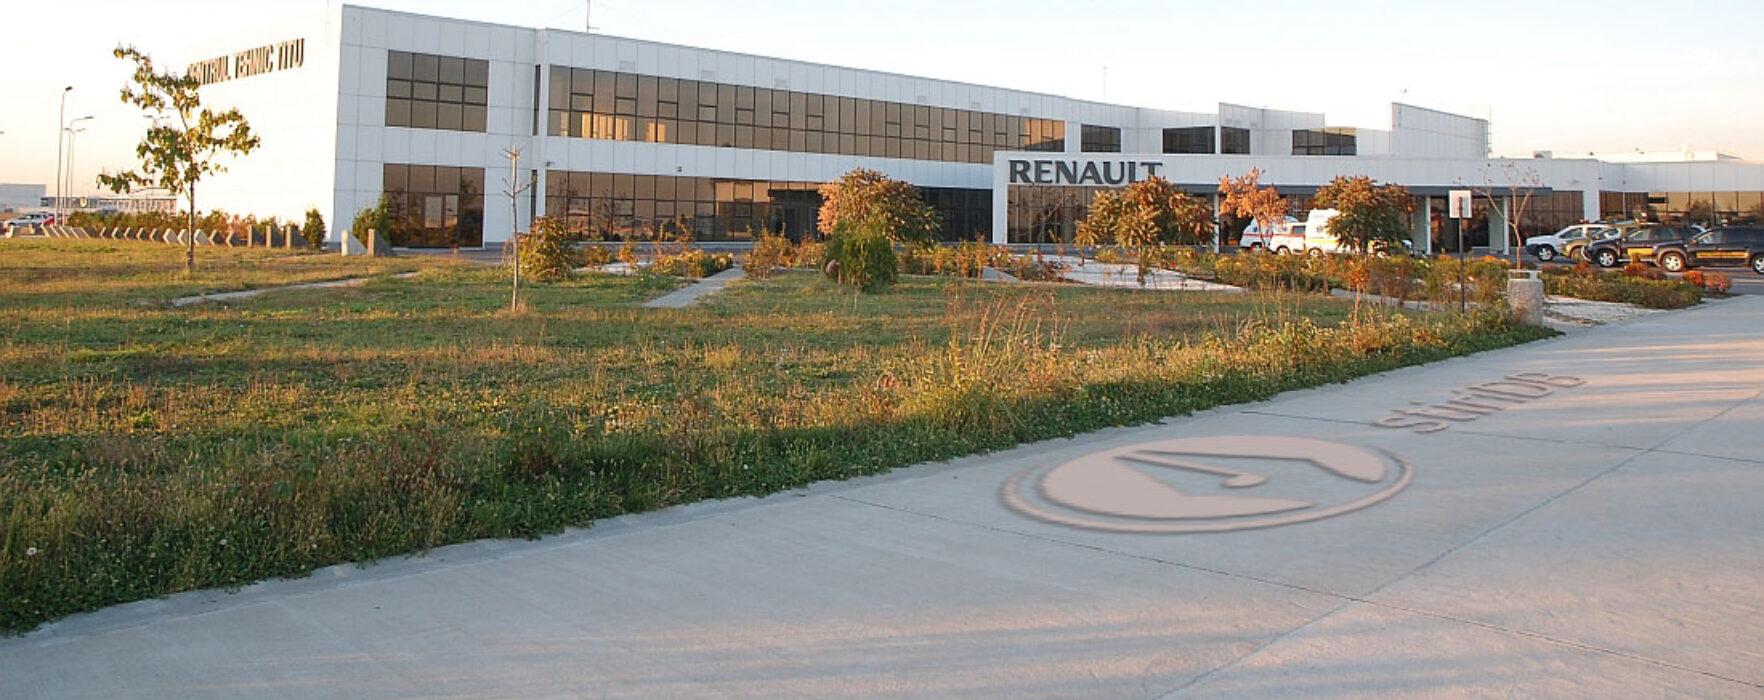 Director Centru Renault Titu: Lărgirea la patru benzi a DN 7 o aşteptăm ca pe aer